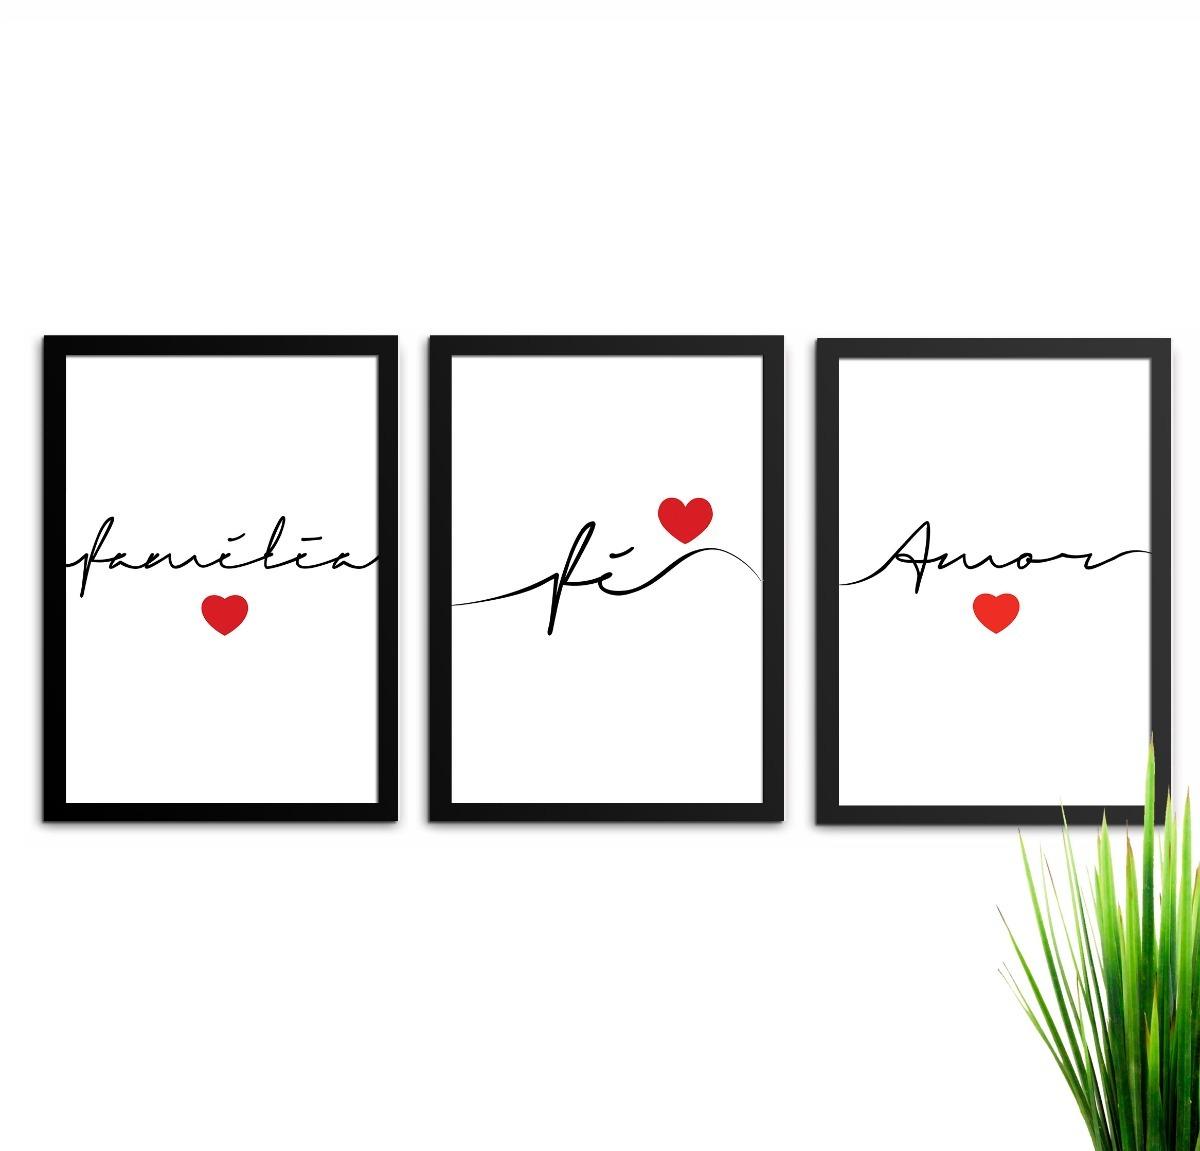 91c4e2100 conjunto kit de quadros decorativos amor família fé. Carregando zoom.